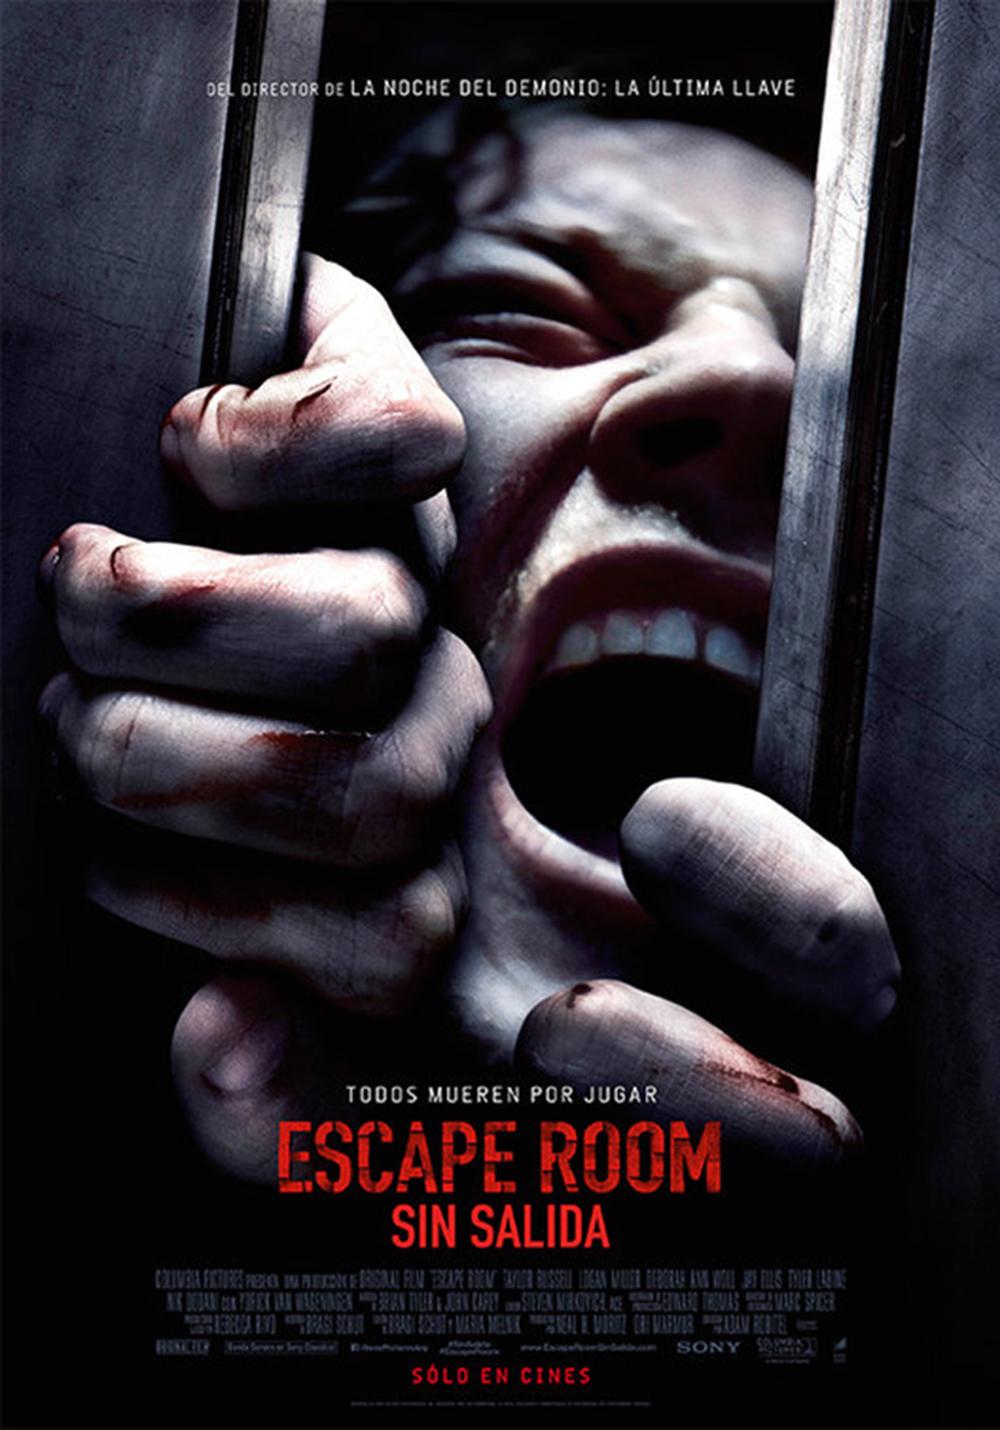 'Escape Room': Póster de la última película de terror psicológico